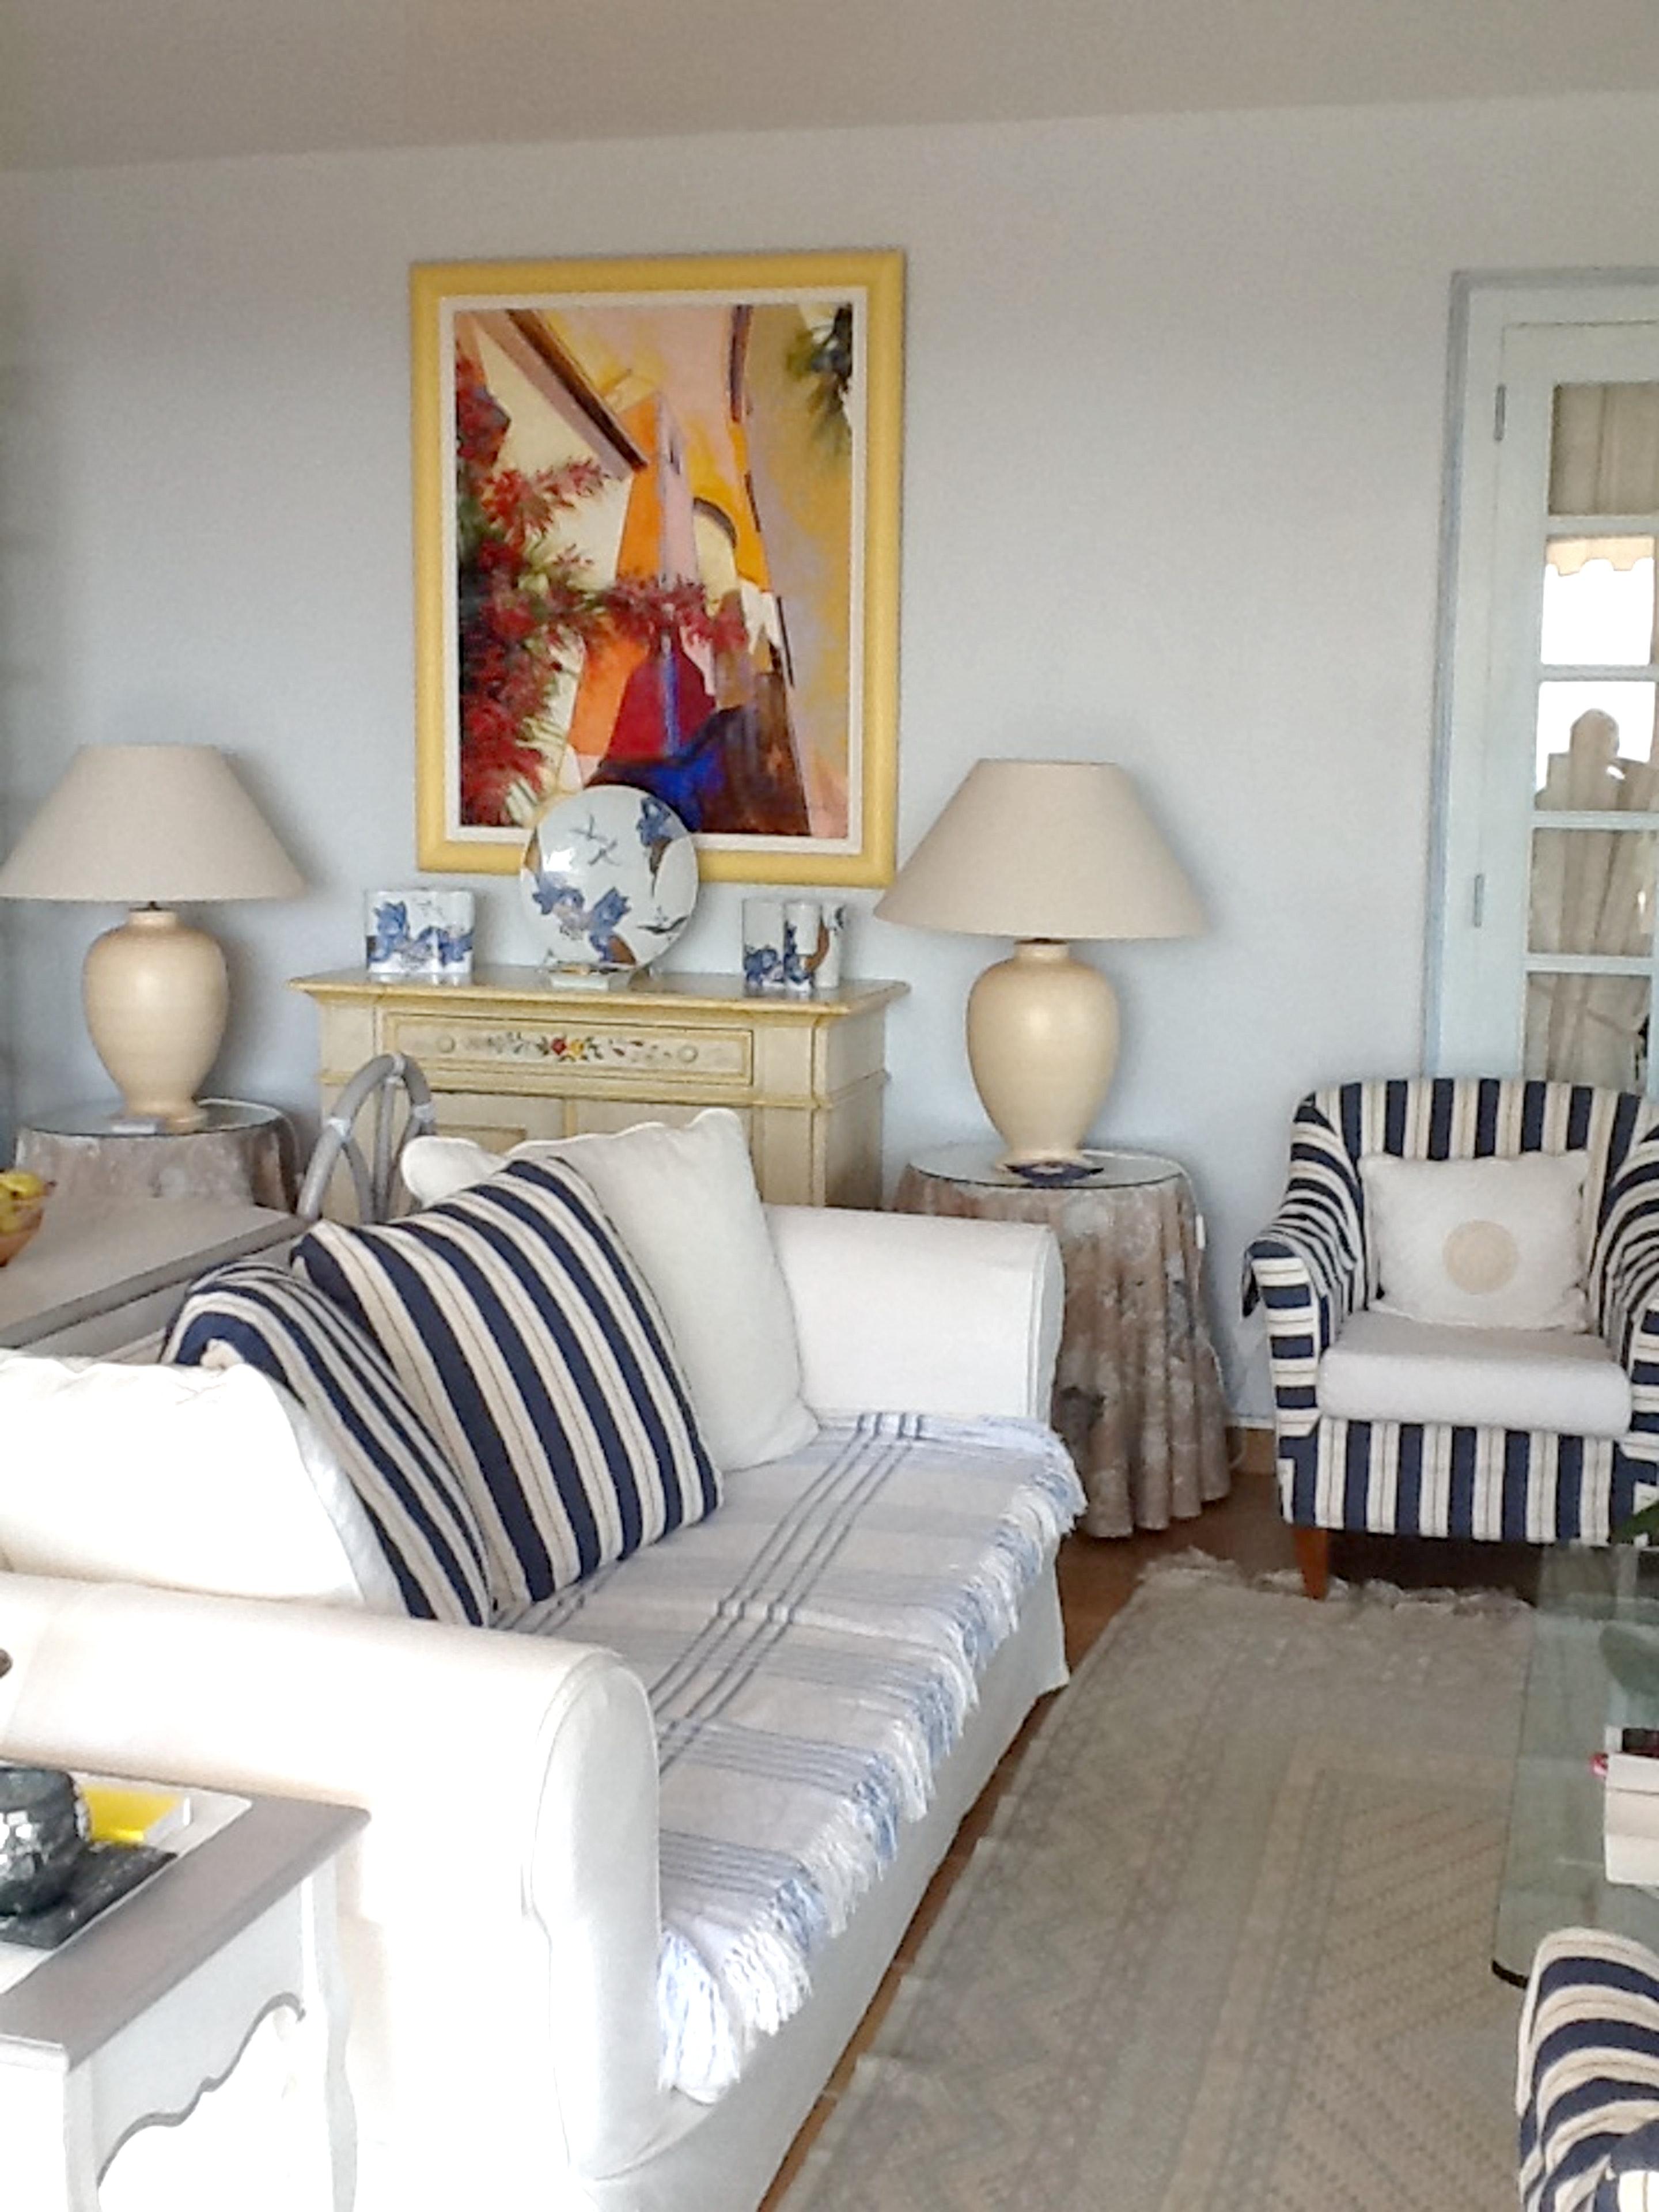 Ferienhaus Villa mit 4 Schlafzimmern in La Croix-Valmer mit herrlichem Meerblick, privatem Pool, eing (2202594), La Croix Valmer, Côte d'Azur, Provence - Alpen - Côte d'Azur, Frankreich, Bild 2